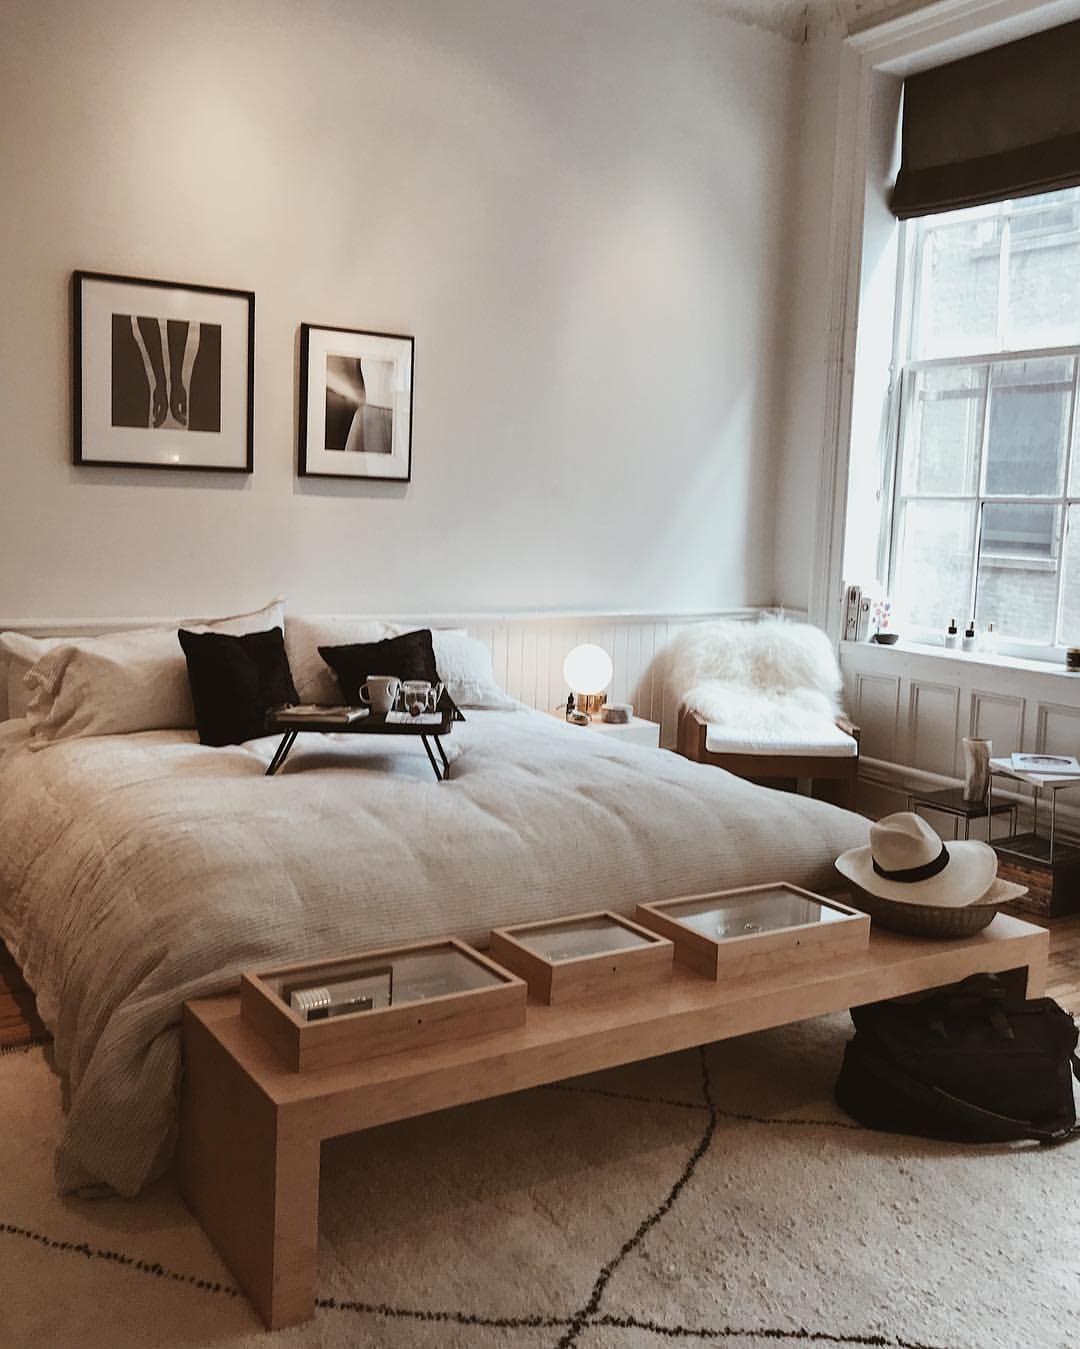 pin by lyra punsalan on home decor ideas pinterest bedroompinterest @ elyy_ instagram @ elyyanna_ bedroom inspo, dream bedroom, home bedroom